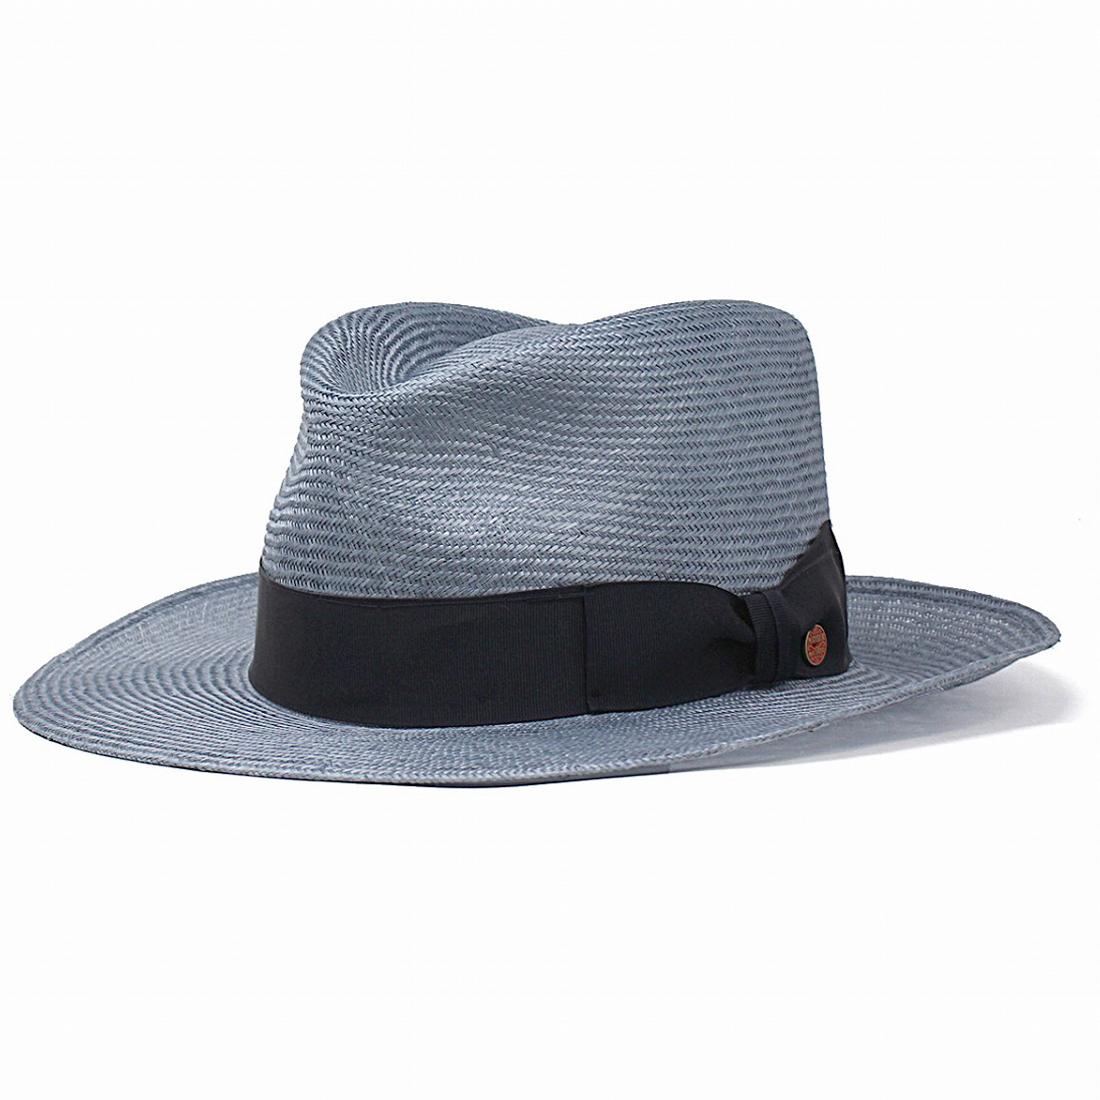 ストローハット つば広 マイザー 春 夏 MAYSER 帽子 麦わら帽子 メンズ かっこいい お洒落 ツバ広ハット 中折れ ハット ワイドブリム インポート ブランド mayser asphalt HAT / ライトブルー [ straw hat ] 父の日 ギフト プレゼント